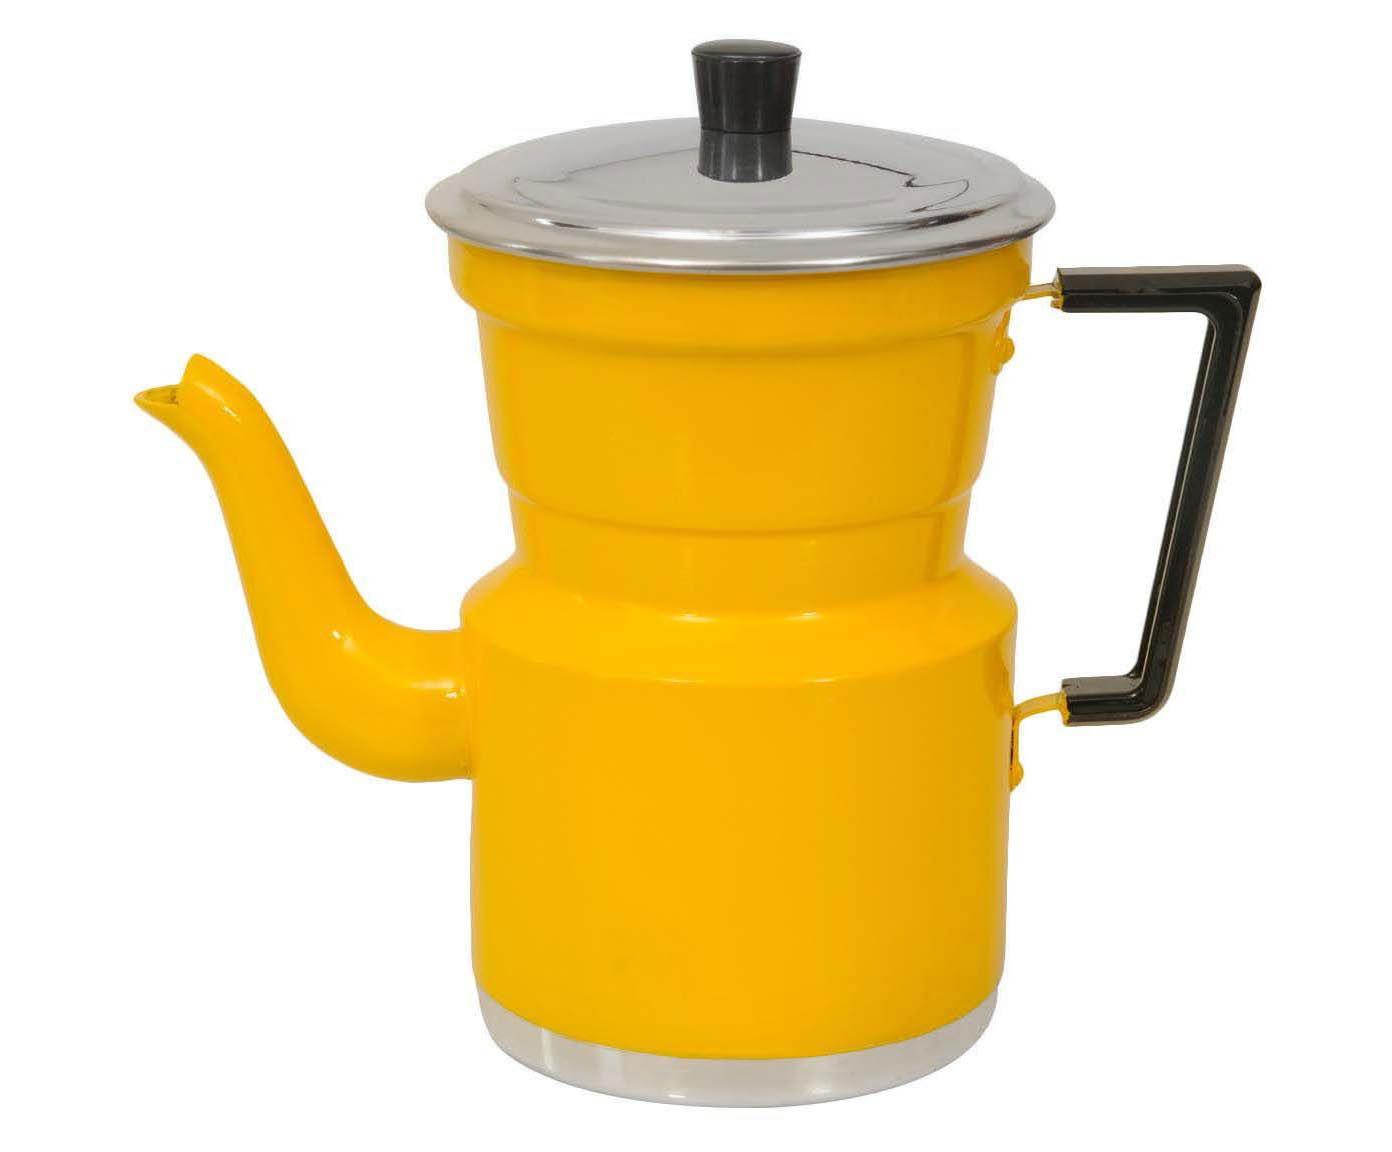 Cafeteira Slim Amarela - 1,5L   Westwing.com.br